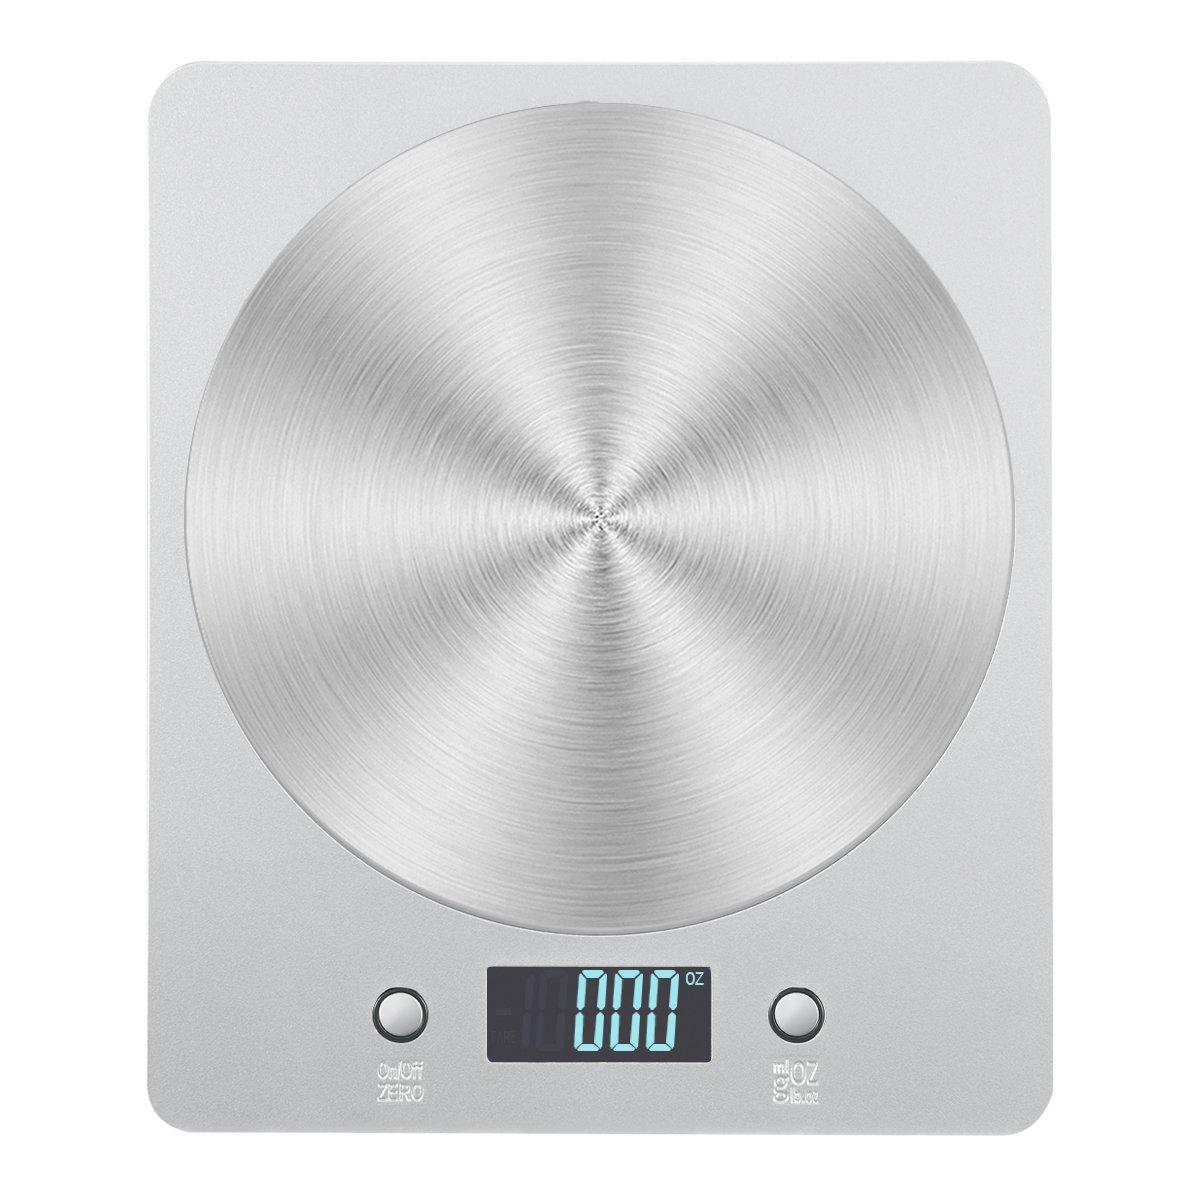 Amir Digitale Küchenwaage, elektronische Waage zum Kochen und wiegen von Lebensmitteln, LCD-Display, genaue Gewichtanzeige, schlankes Design, Batterien enthalten. UK-KA5